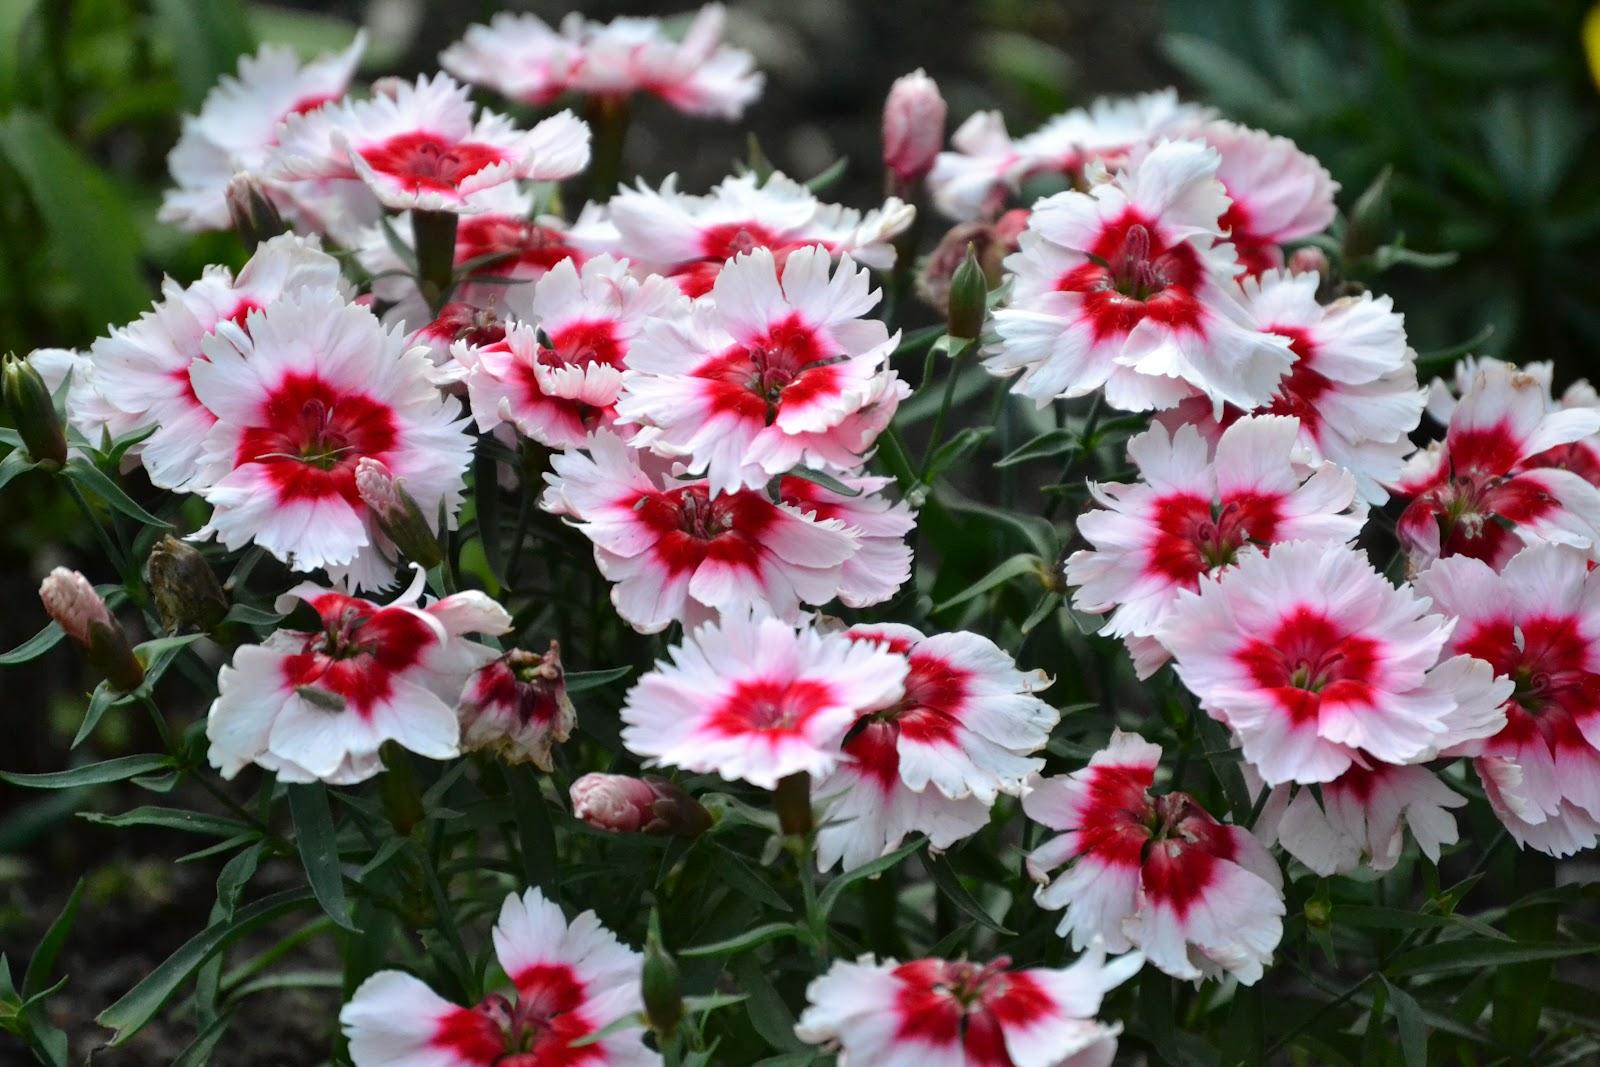 Kesäkukkia – Some summerflowers